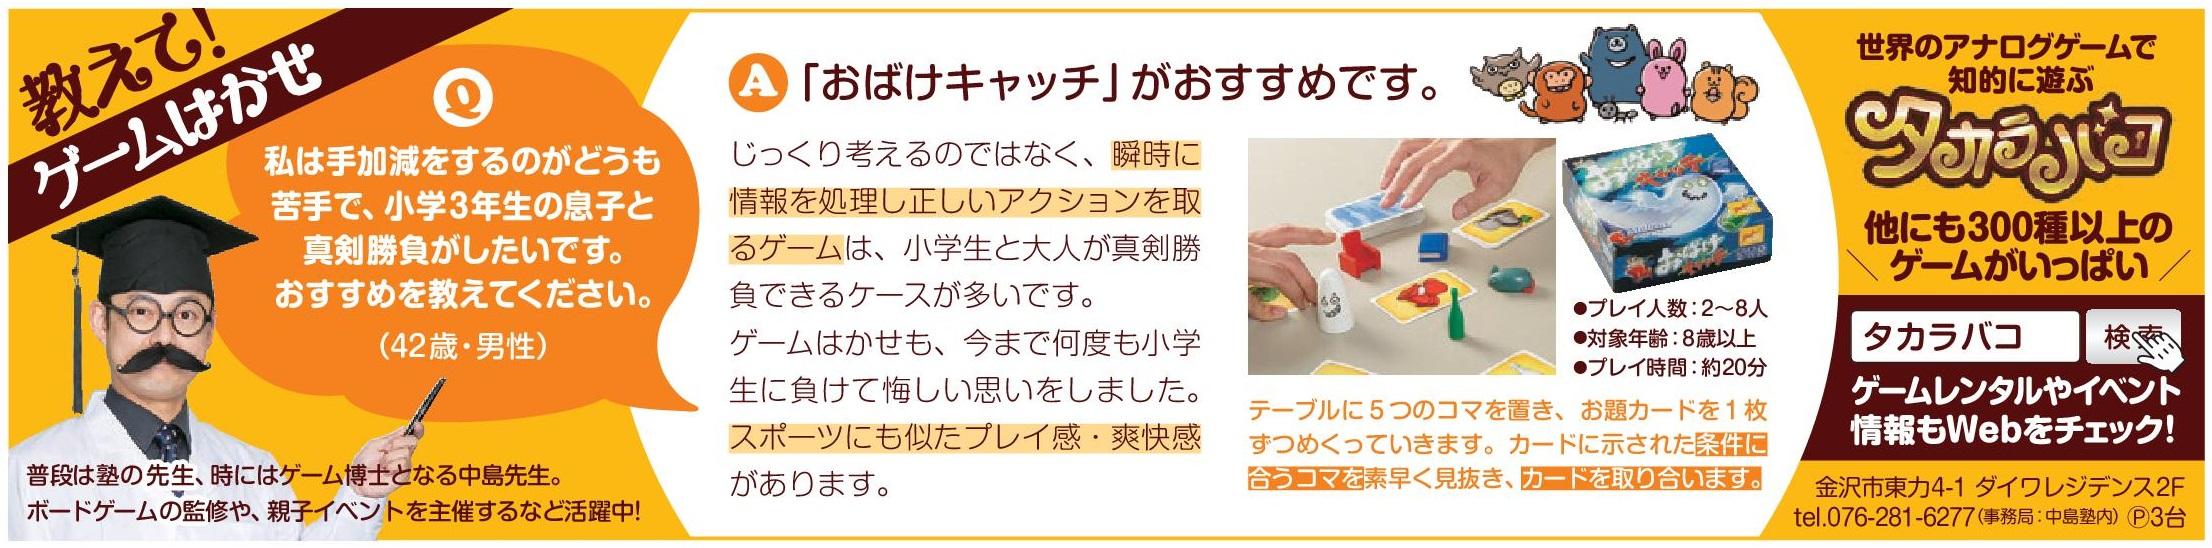 タカラバコ様_KJ0524